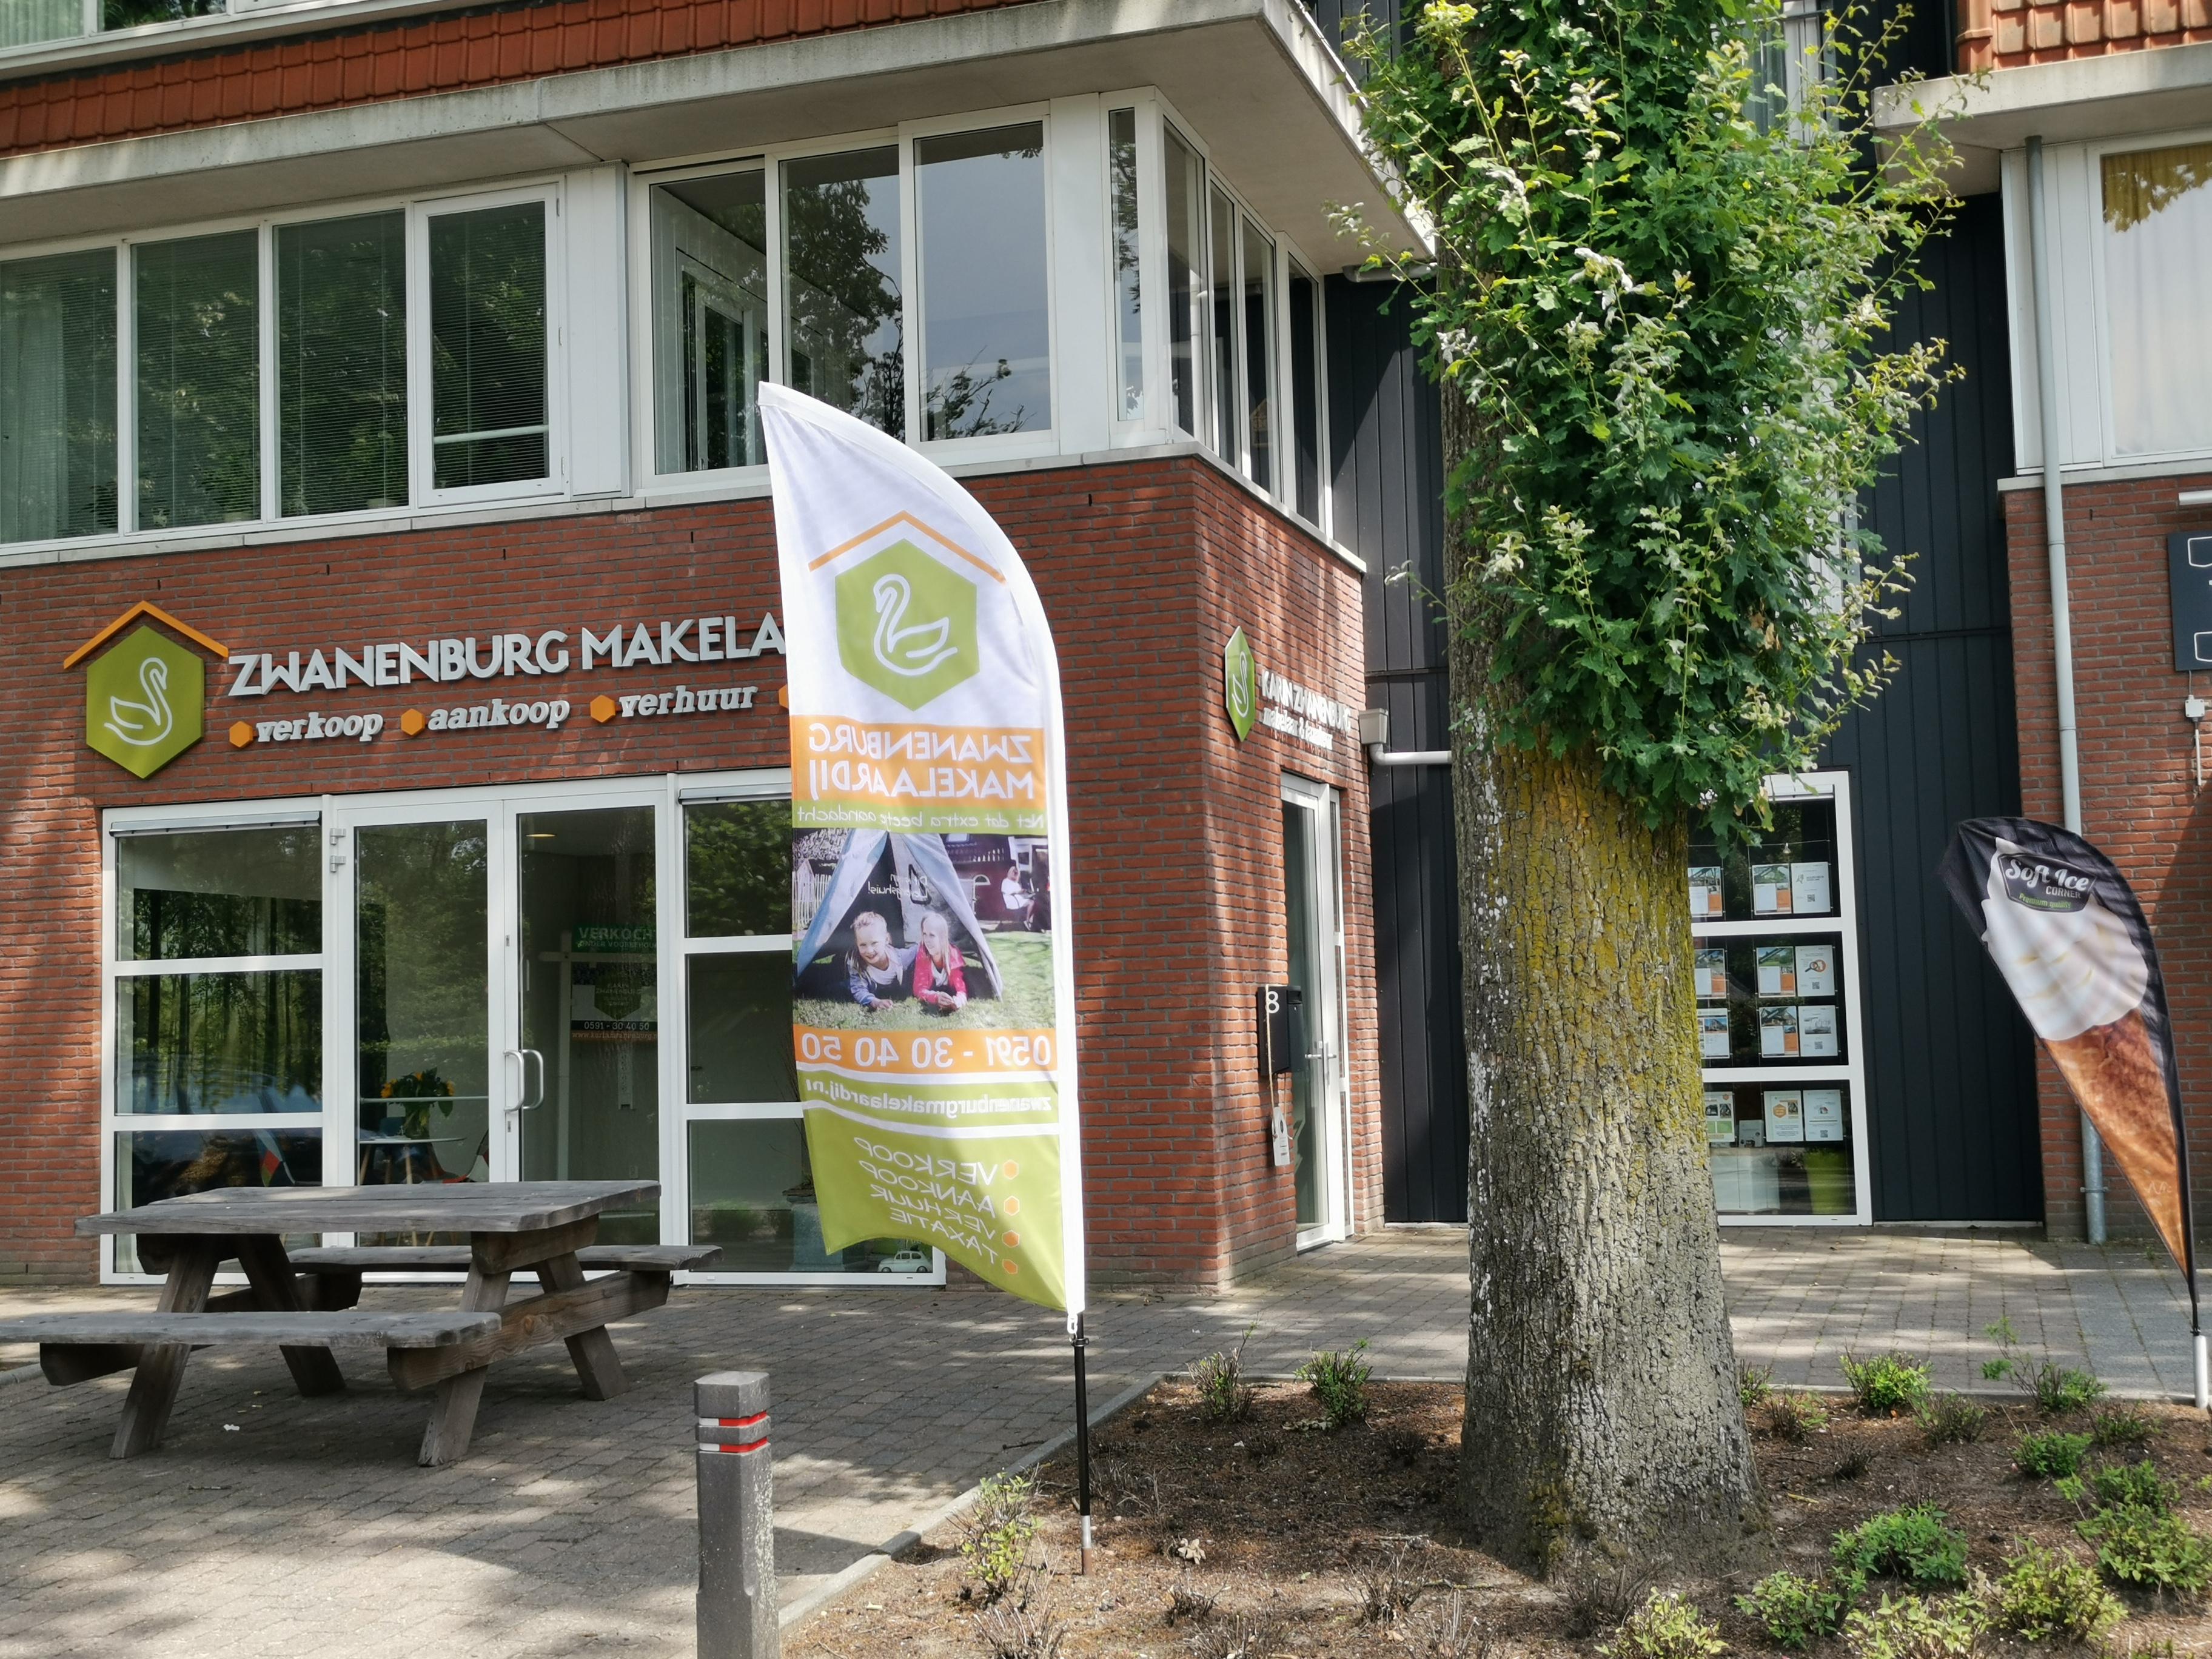 Kantoor Vestiging Zwanenburg Makelaardij